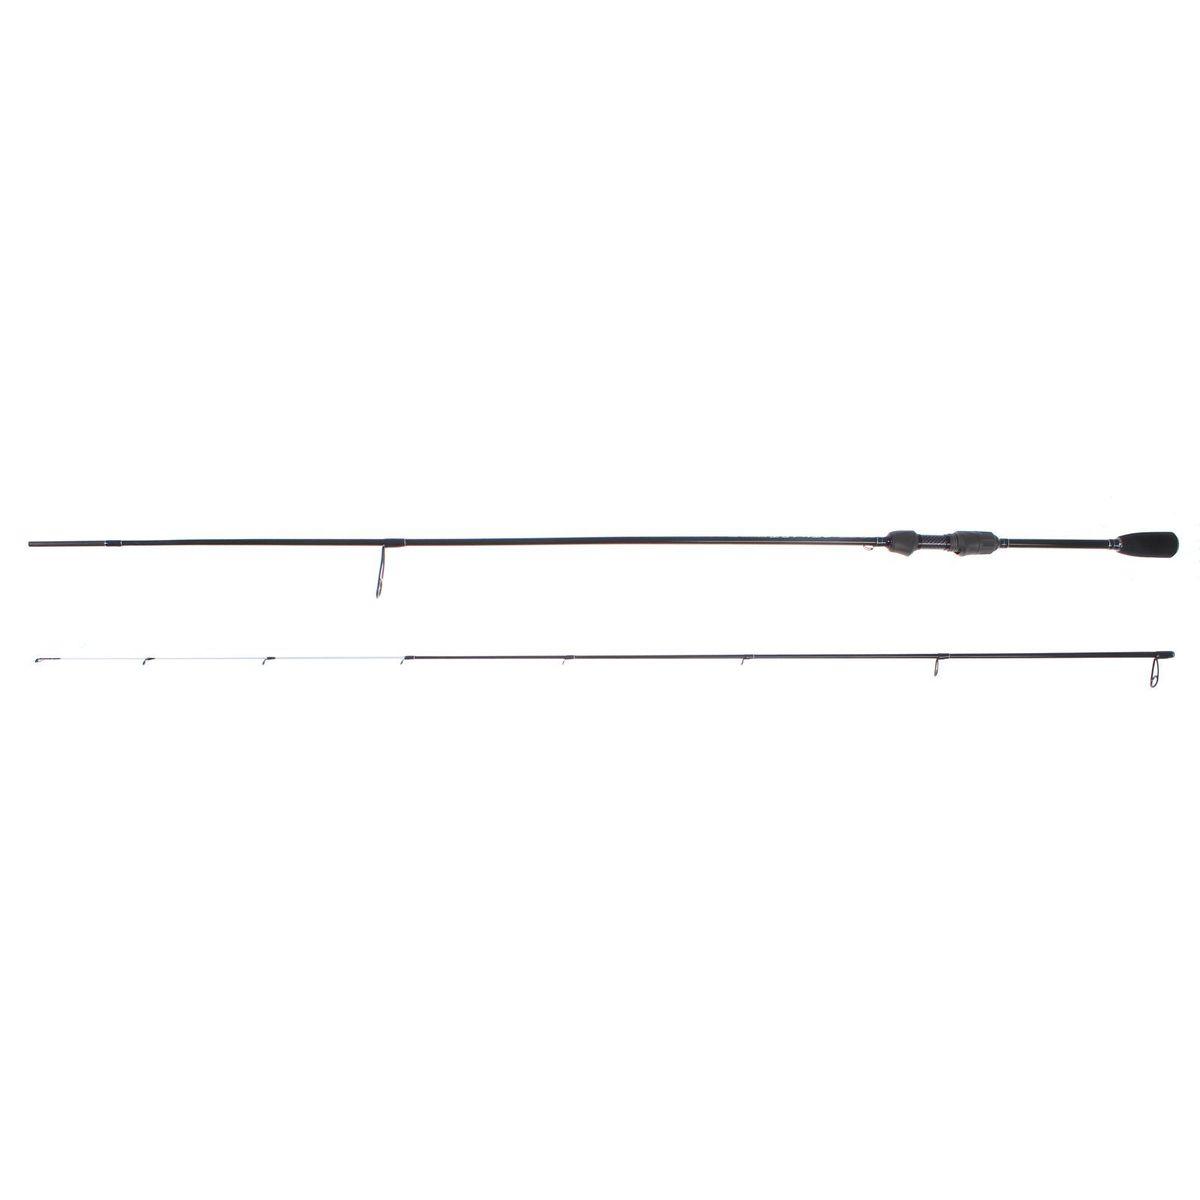 Спиннинг Волжанка Стилет, 2,3 м, 2-7 г спиннинг штекерный onlitop challenge х1 3 м 15 40 г